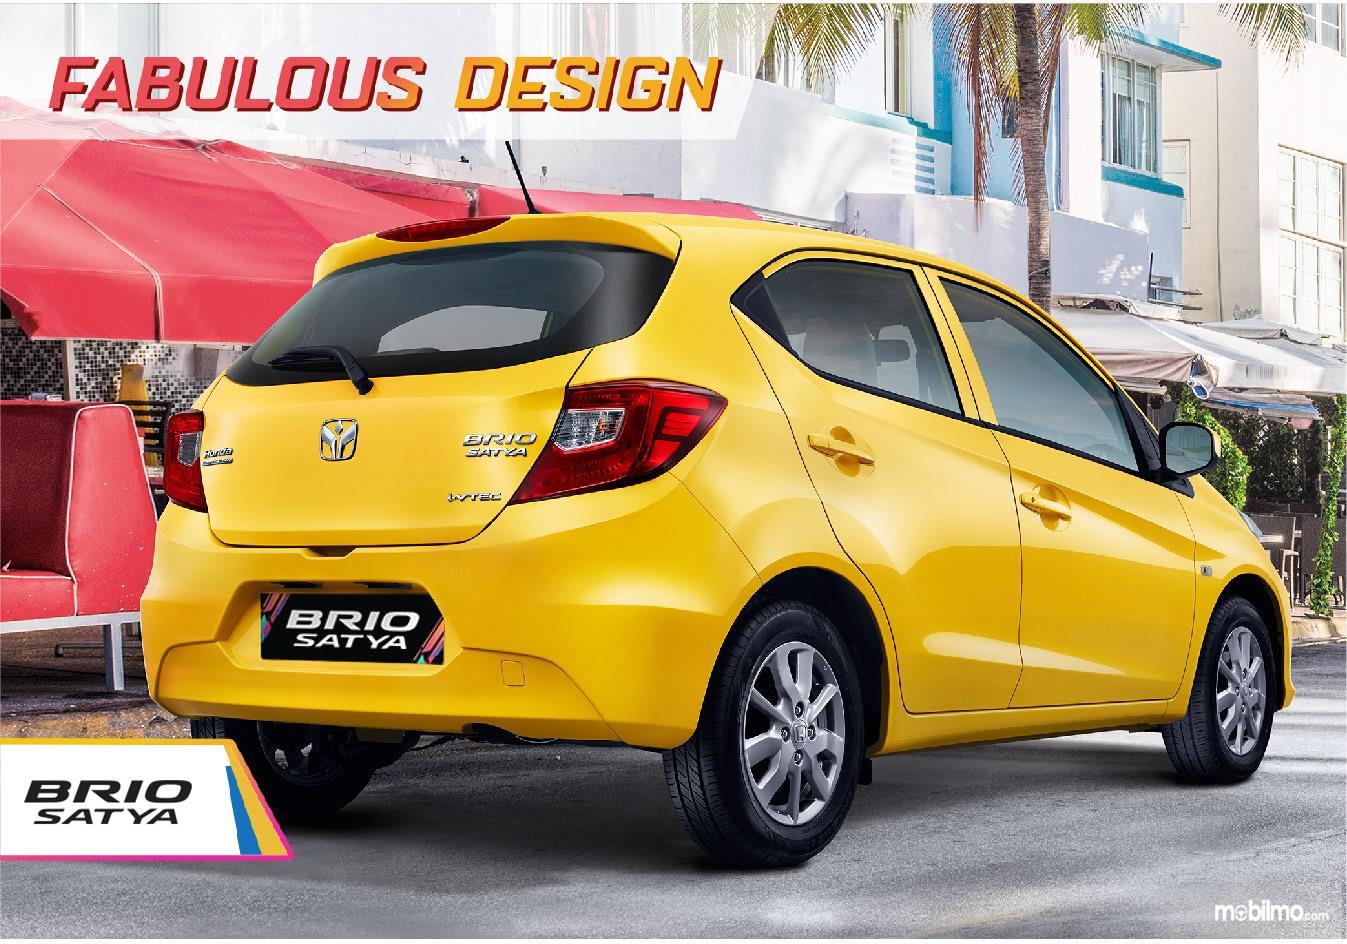 Tampilan All New Honda Brio Satya 2018 dari belakang lebih kekinian mernyerupai desain hatchback